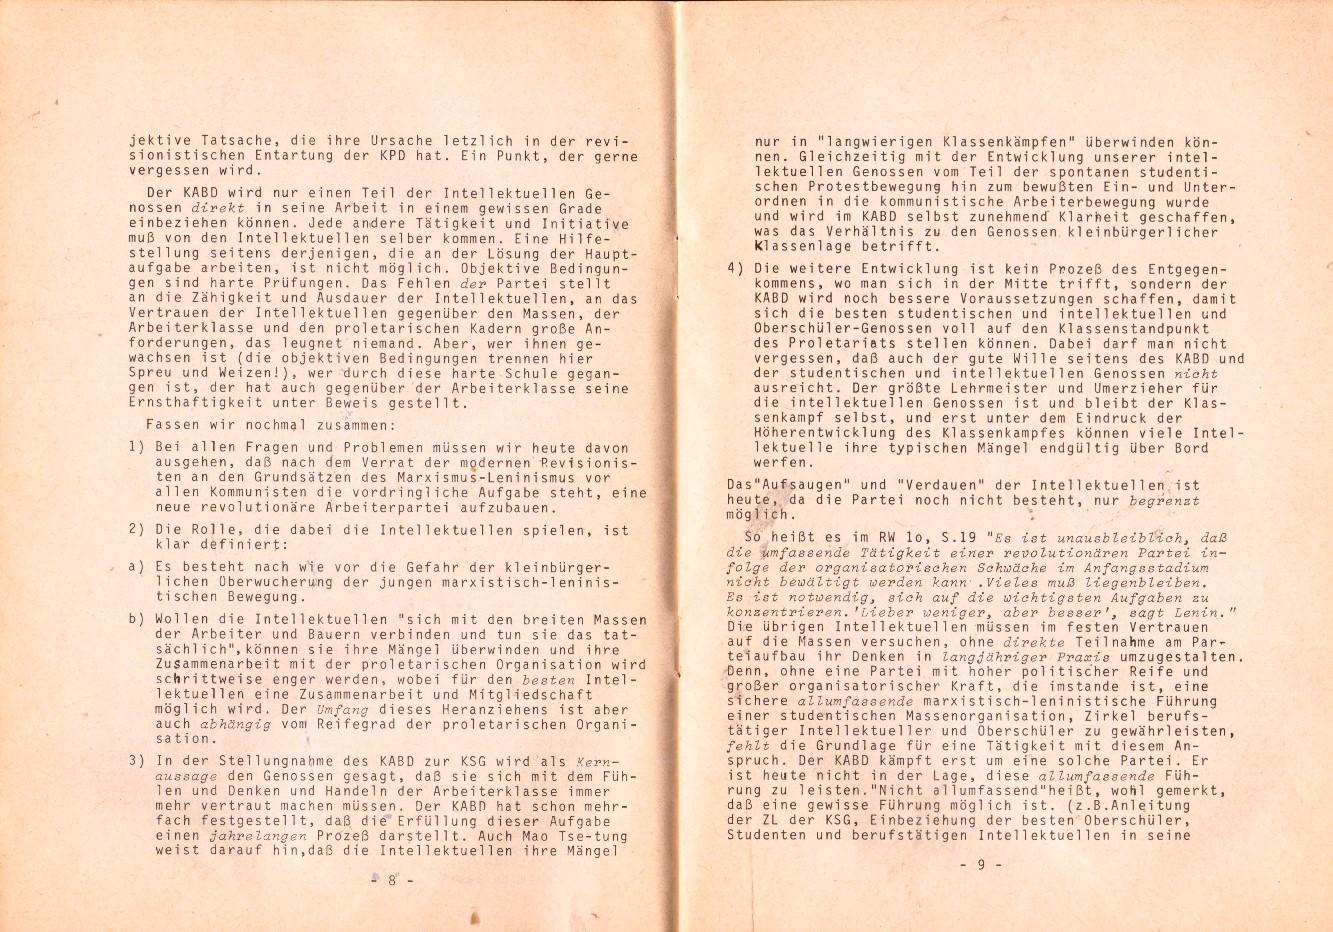 KABD_1976_Parteiaufbau_und_Intellektuellenfrage_08